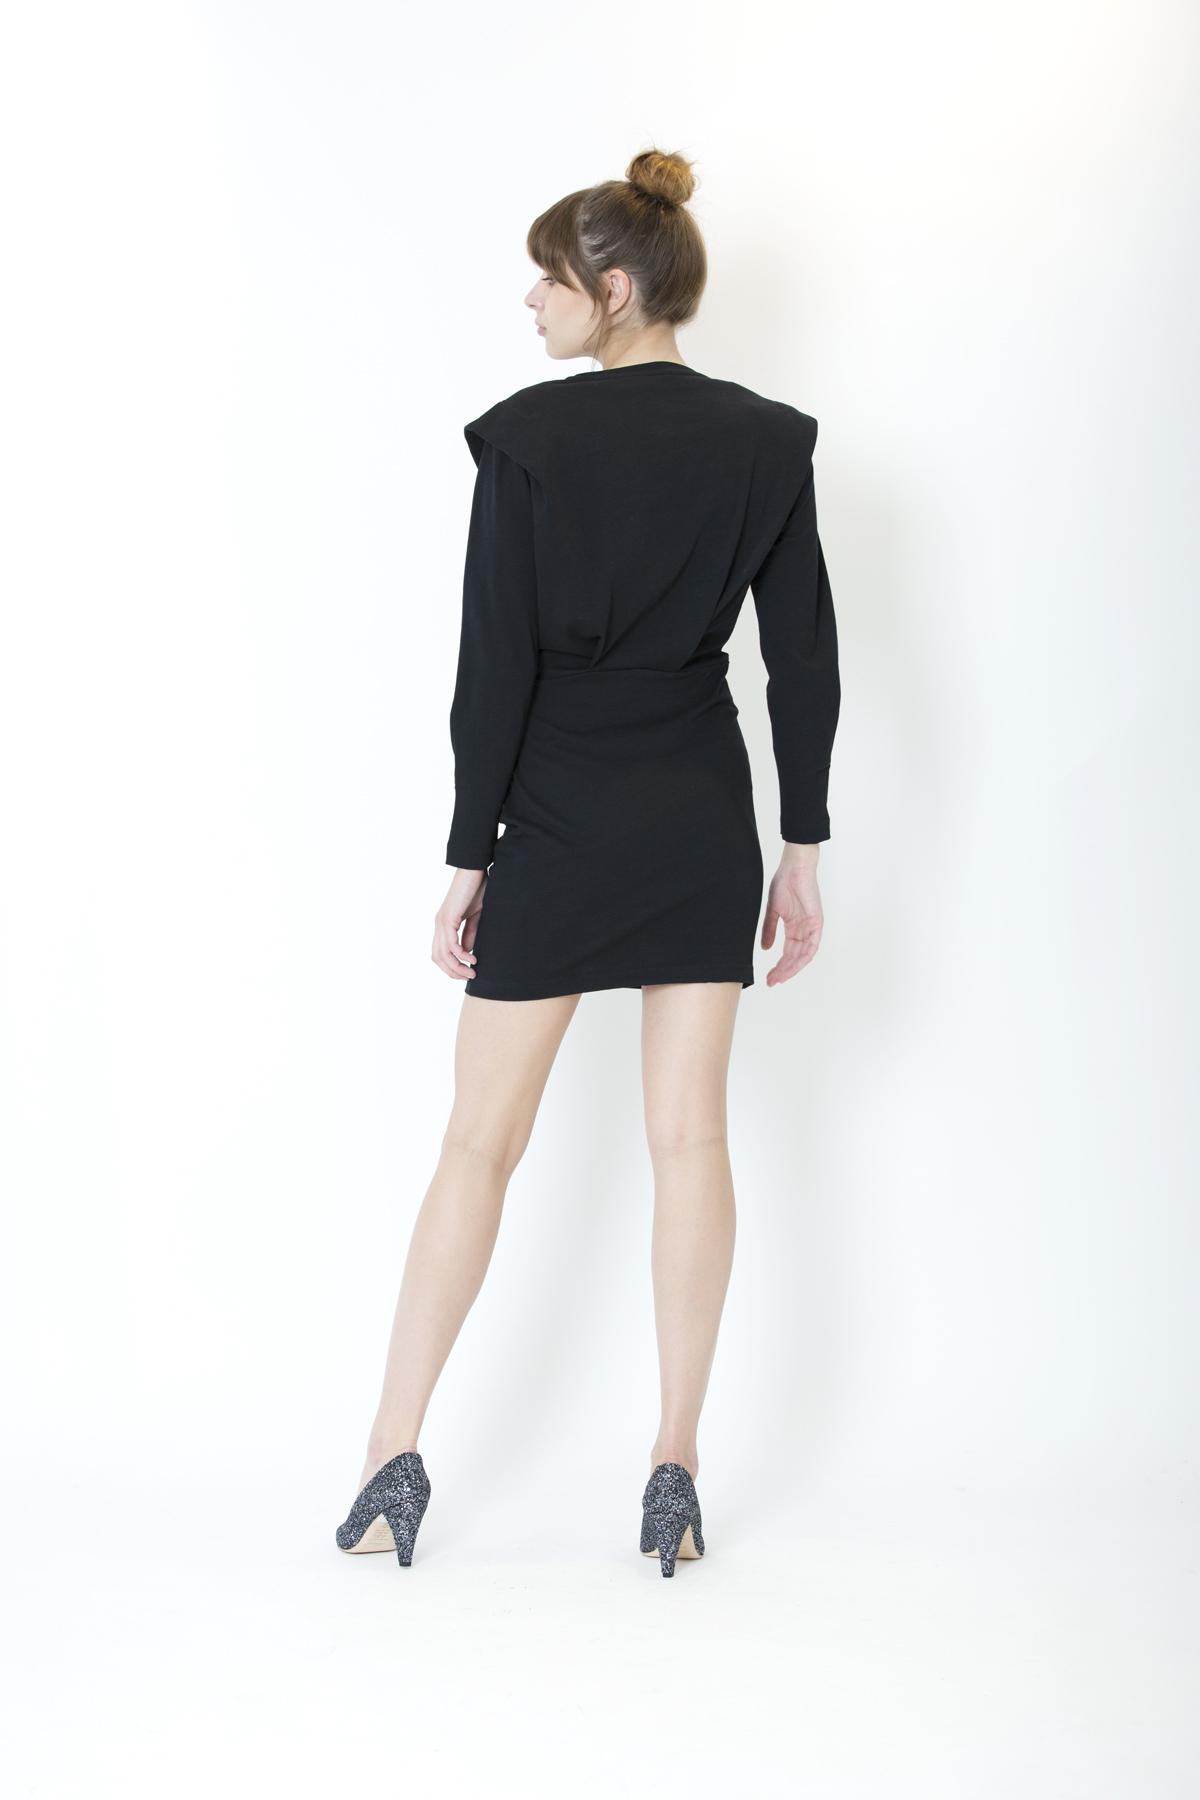 beckett-iro-cotton-black-dress-matchboxathens